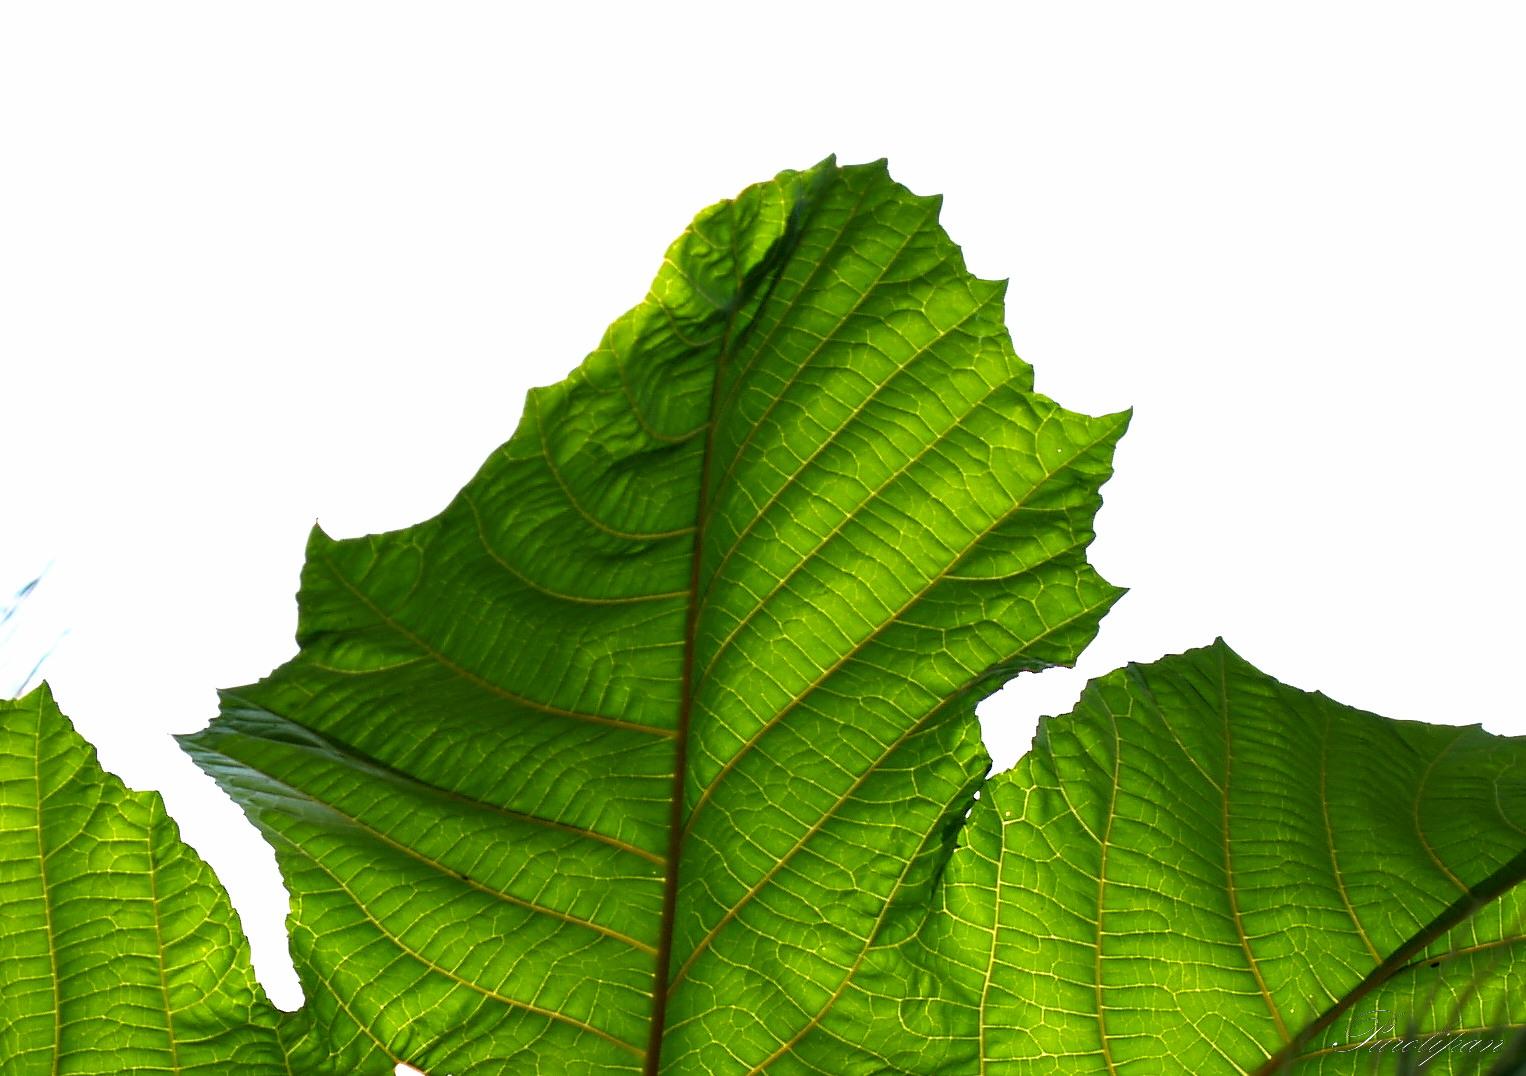 hojas de planta verdes